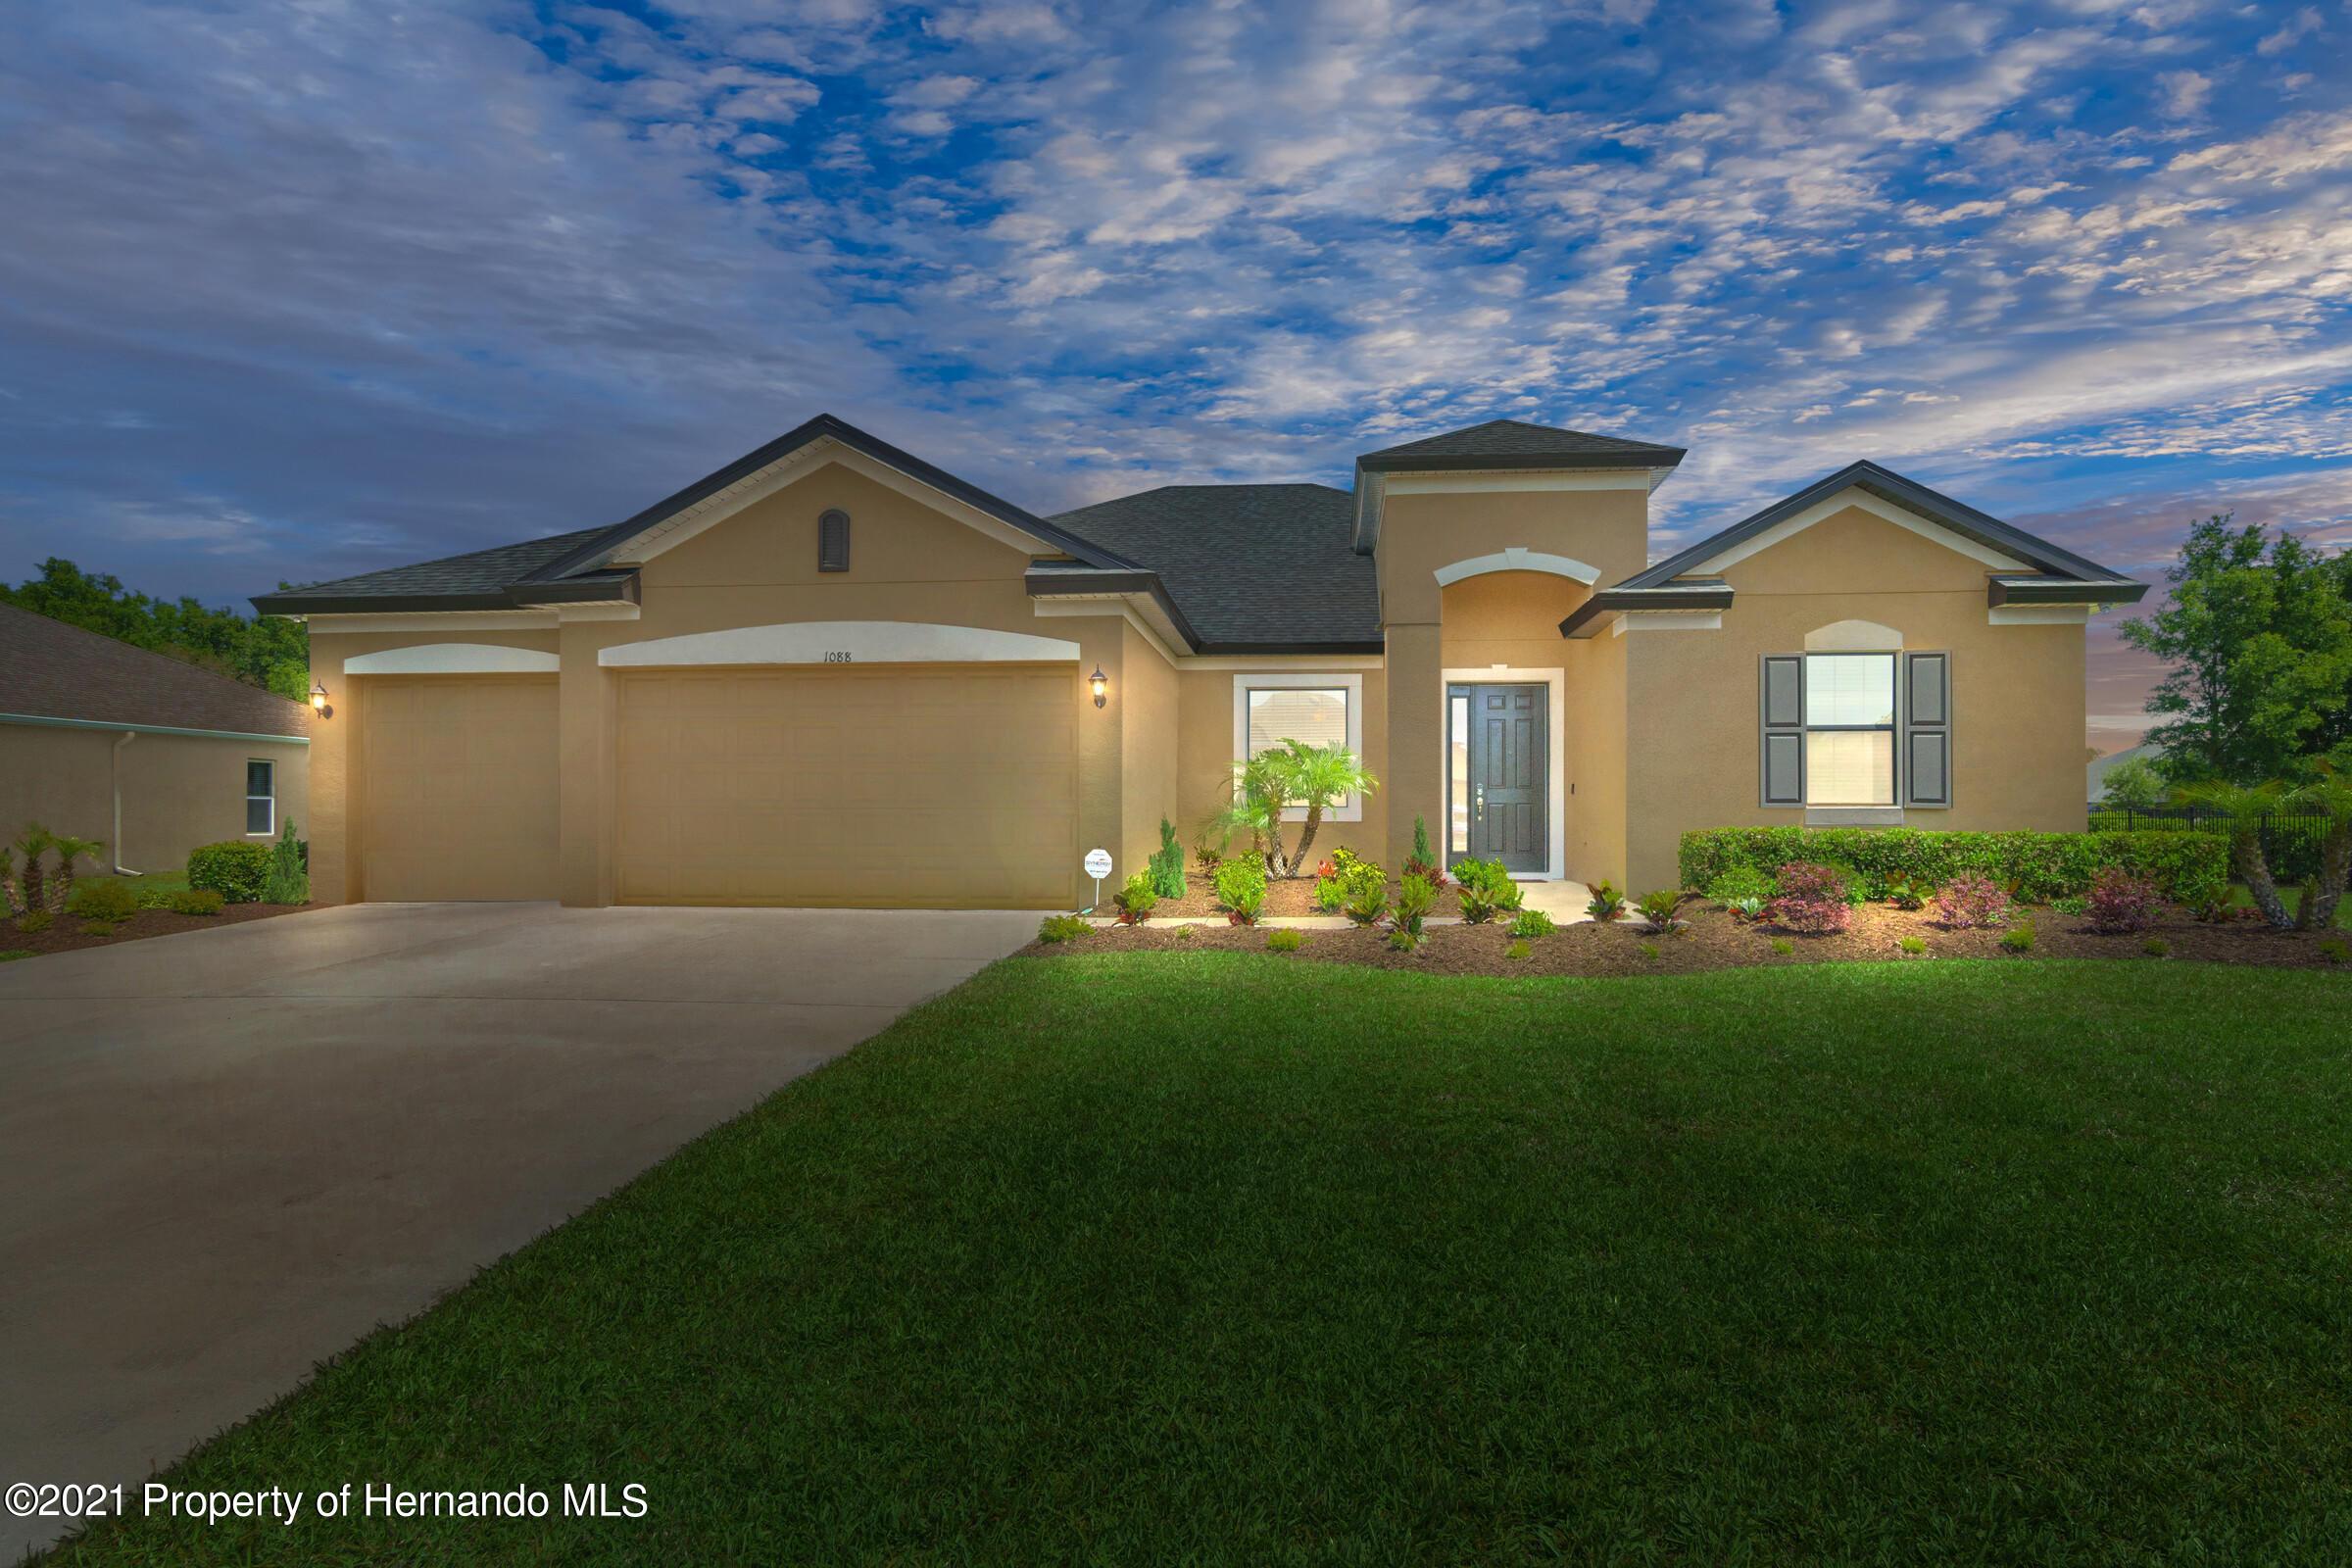 Details for 1088 Belvoir Way, Spring Hill, FL 34609